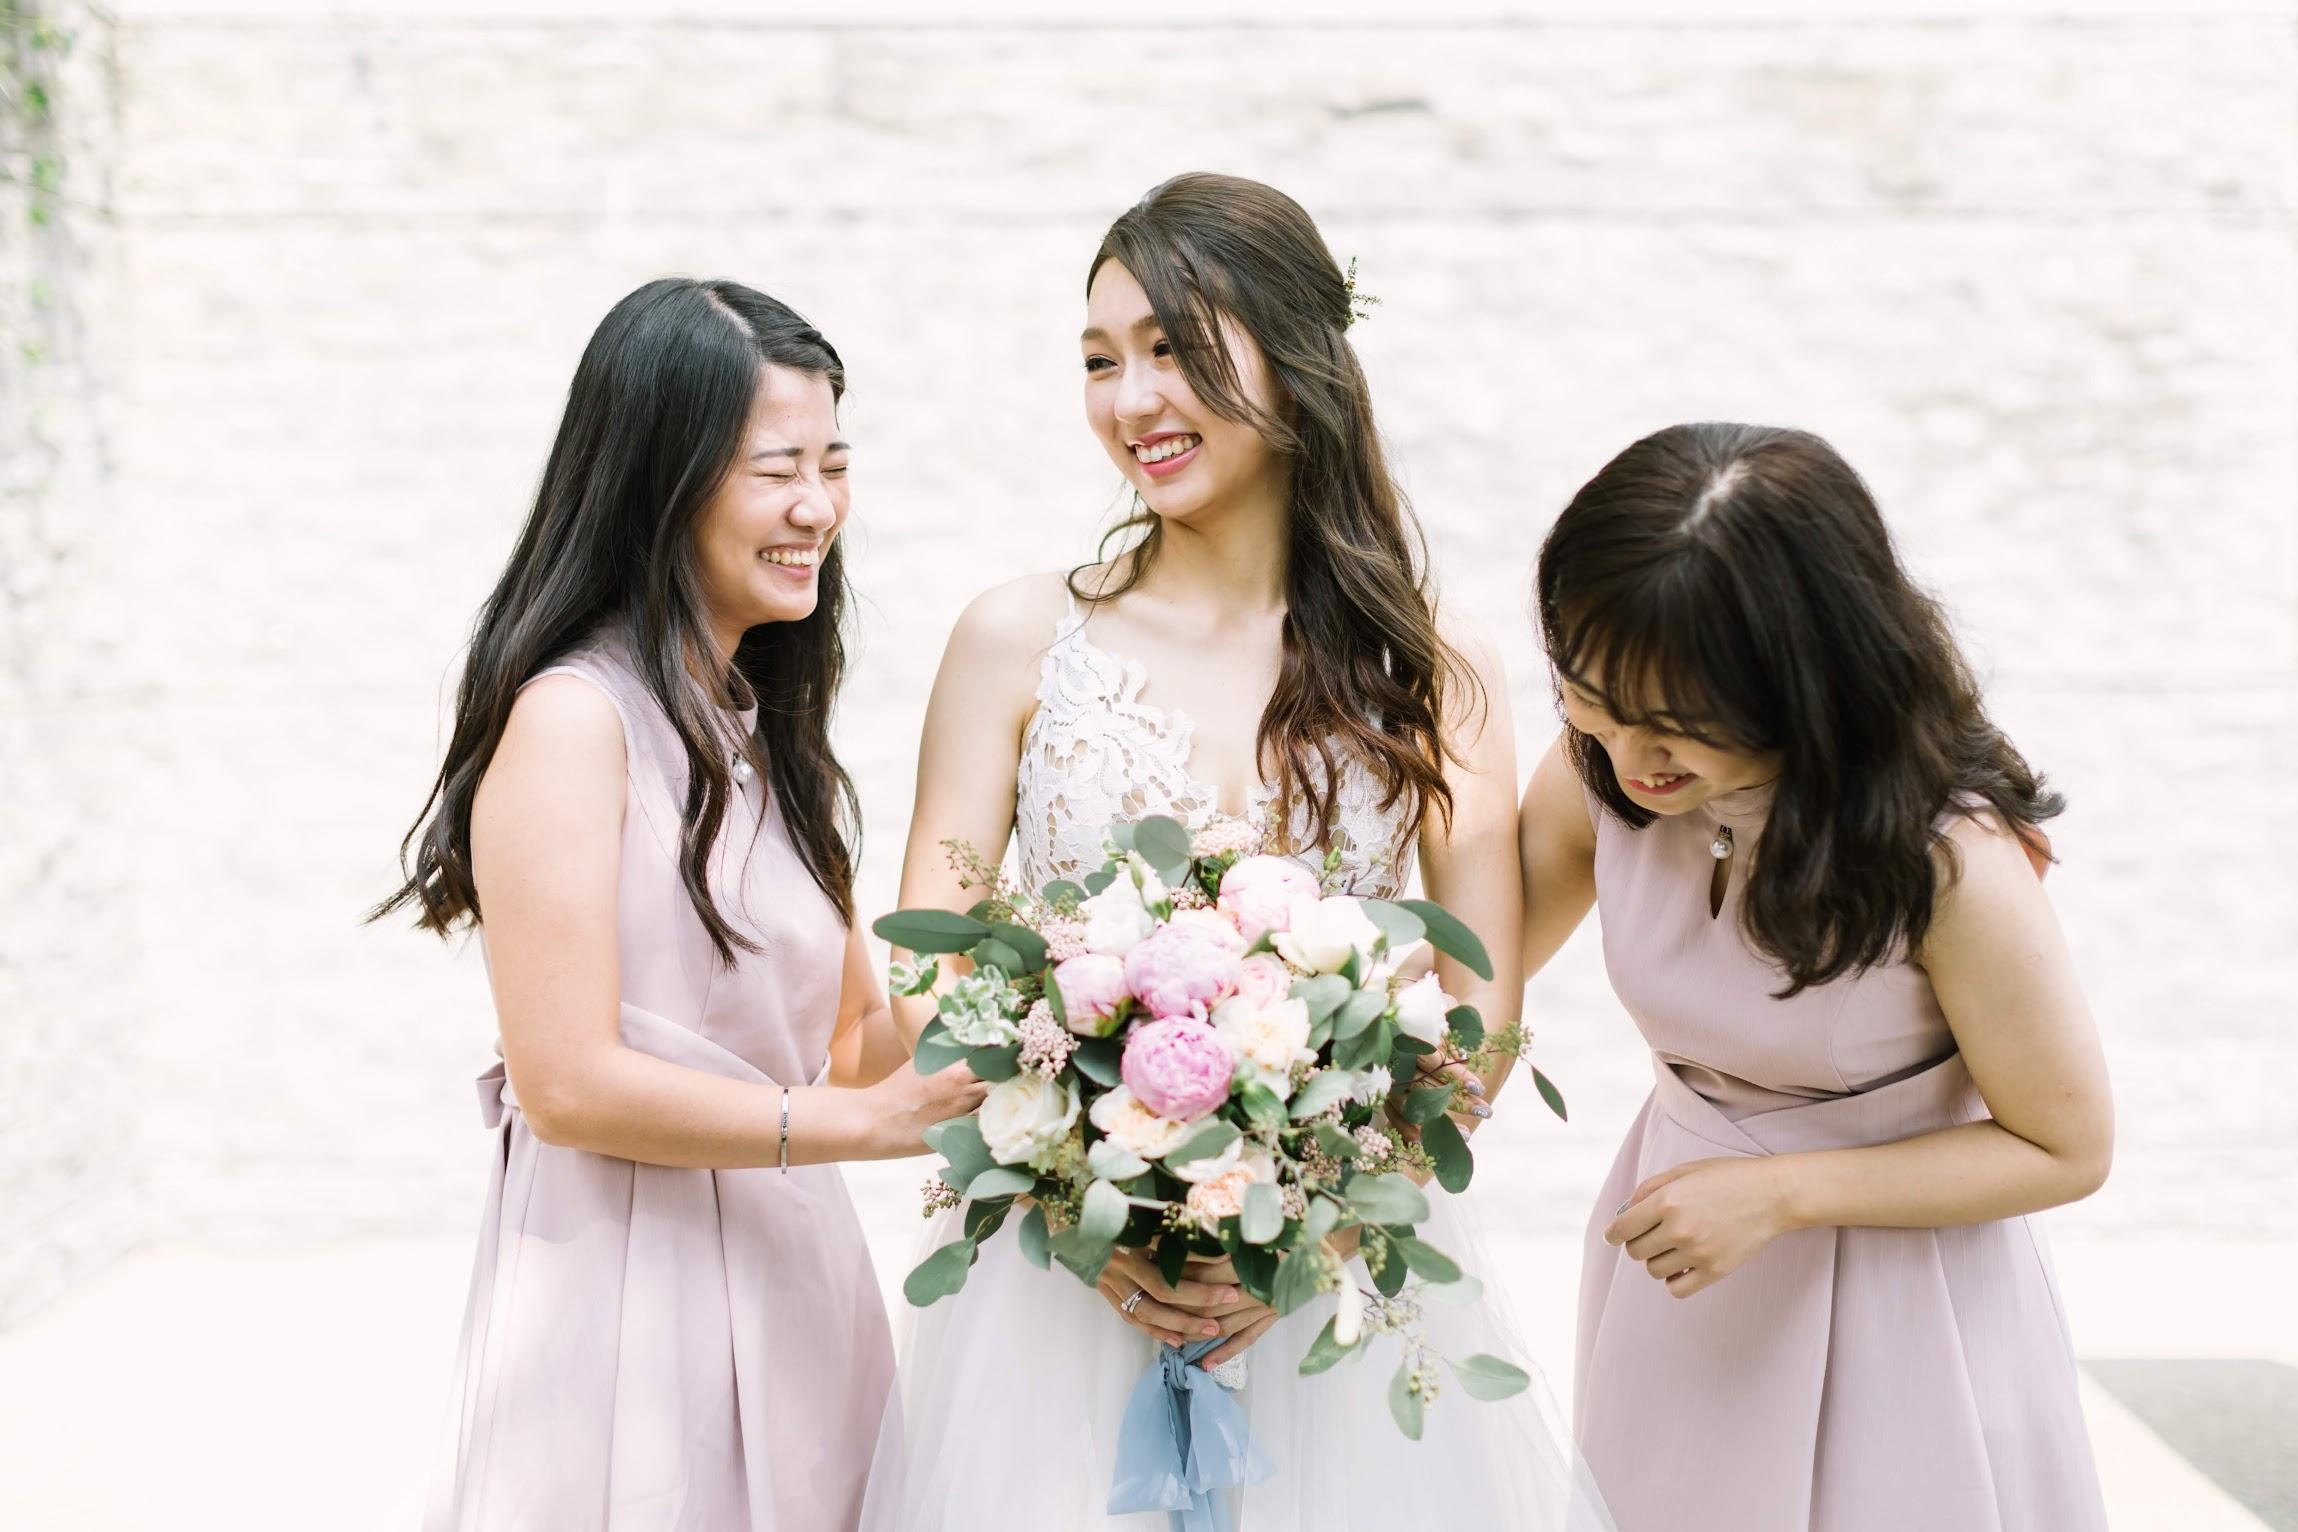 涵碧樓婚禮攝影 - bridal party